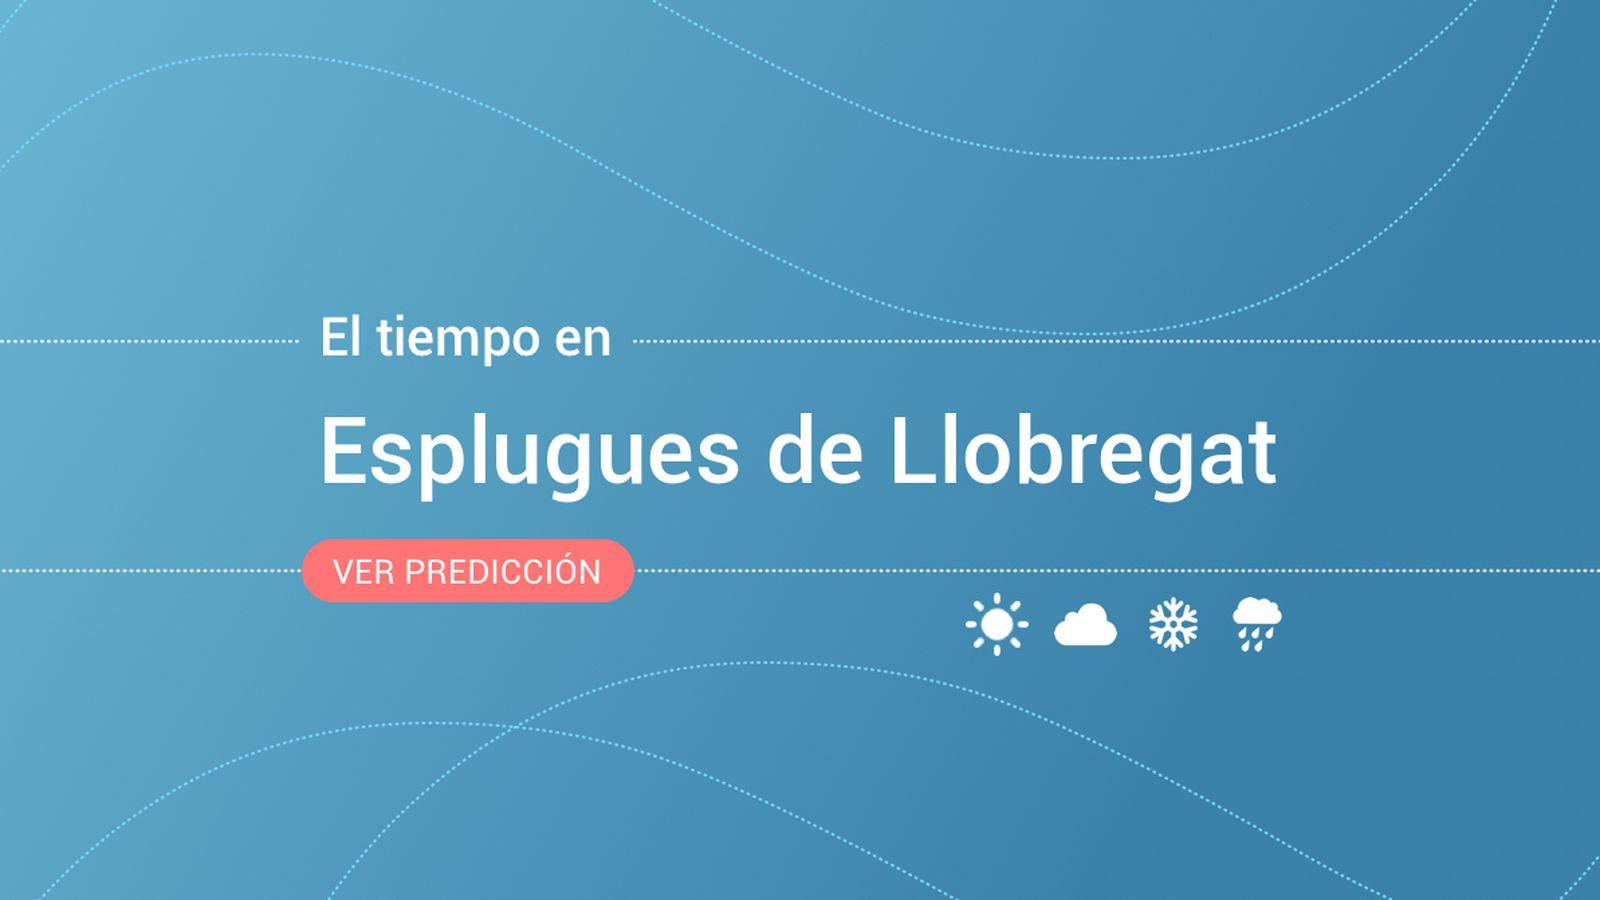 Foto: El tiempo en Esplugues de Llobregat. (EC)